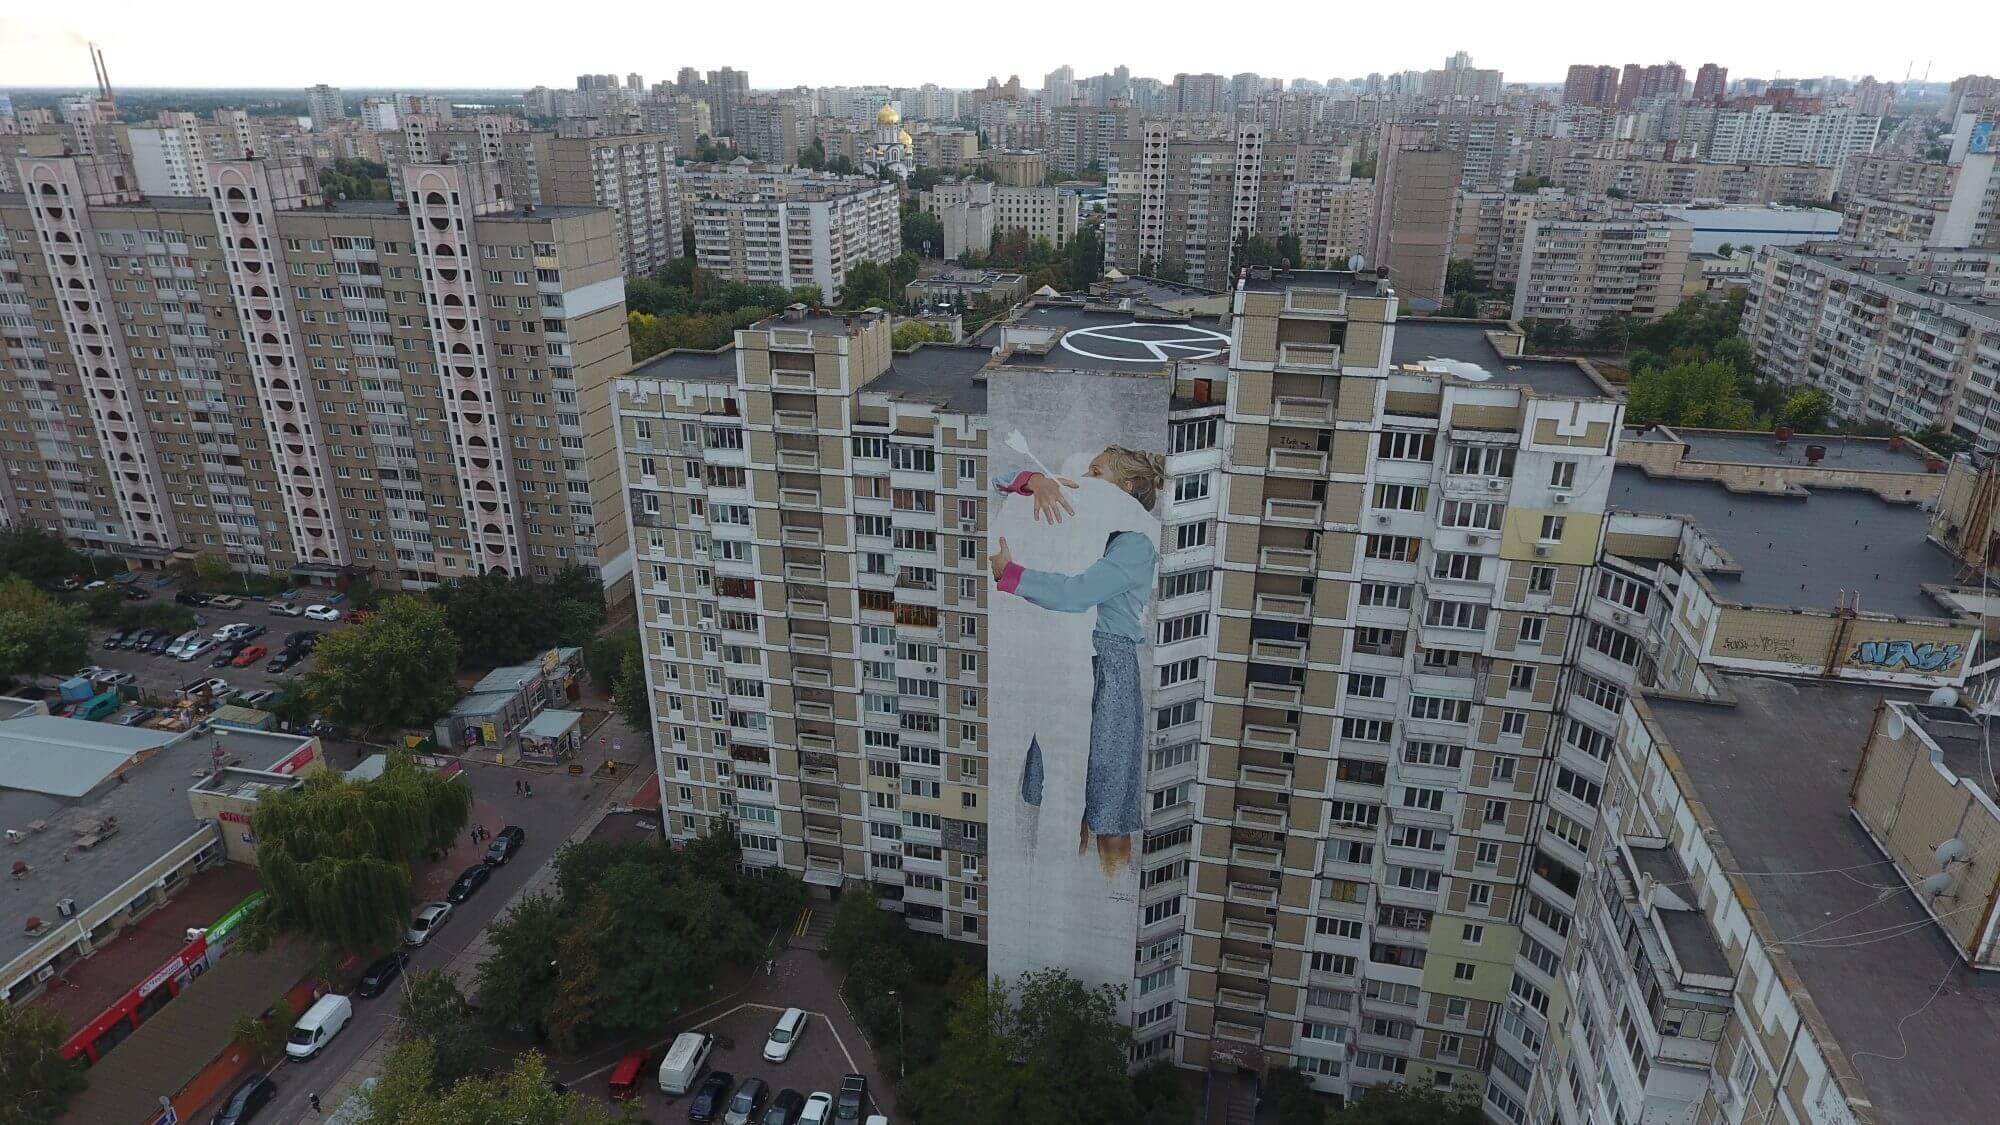 You choose the destiny for Innerfields latest street art mural, Art United Us, Ukraine 2016